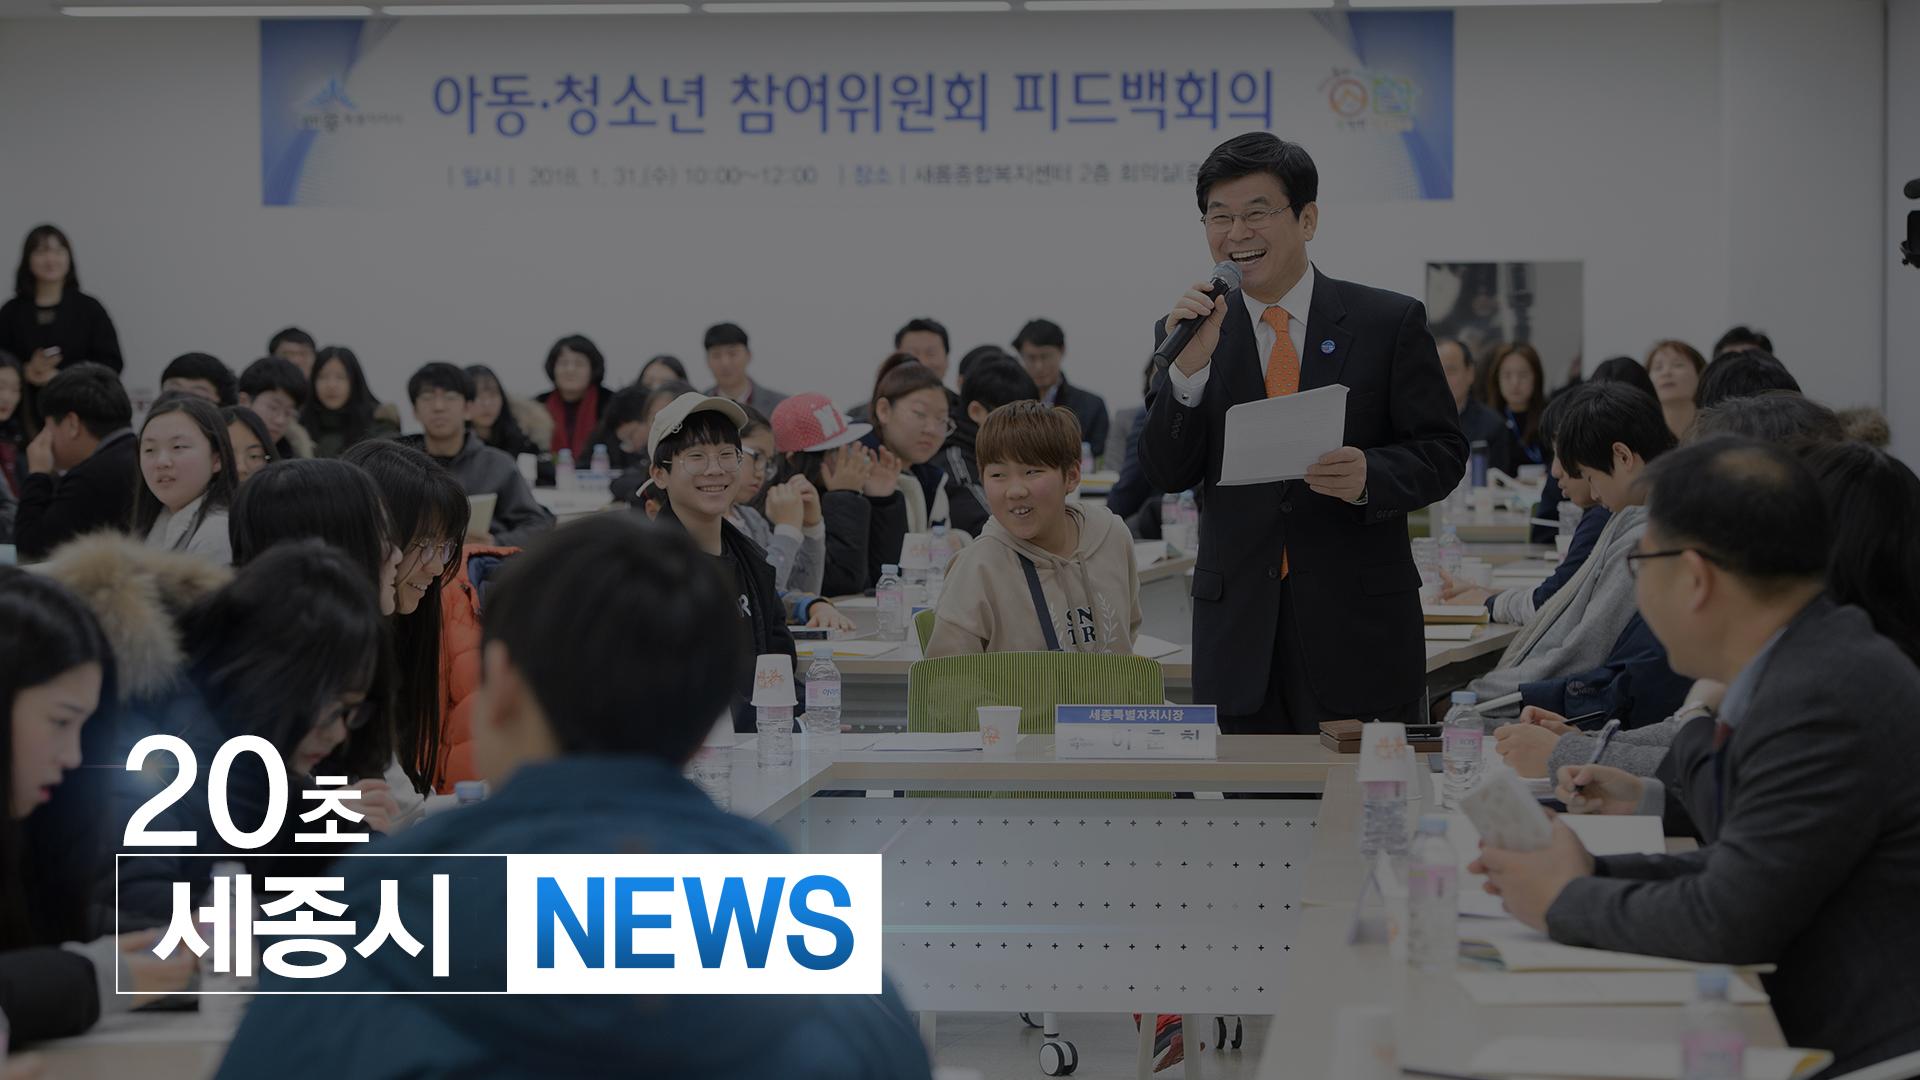 <20초뉴스> 세종시, 아동·청소년참여위원회 피드백 회의